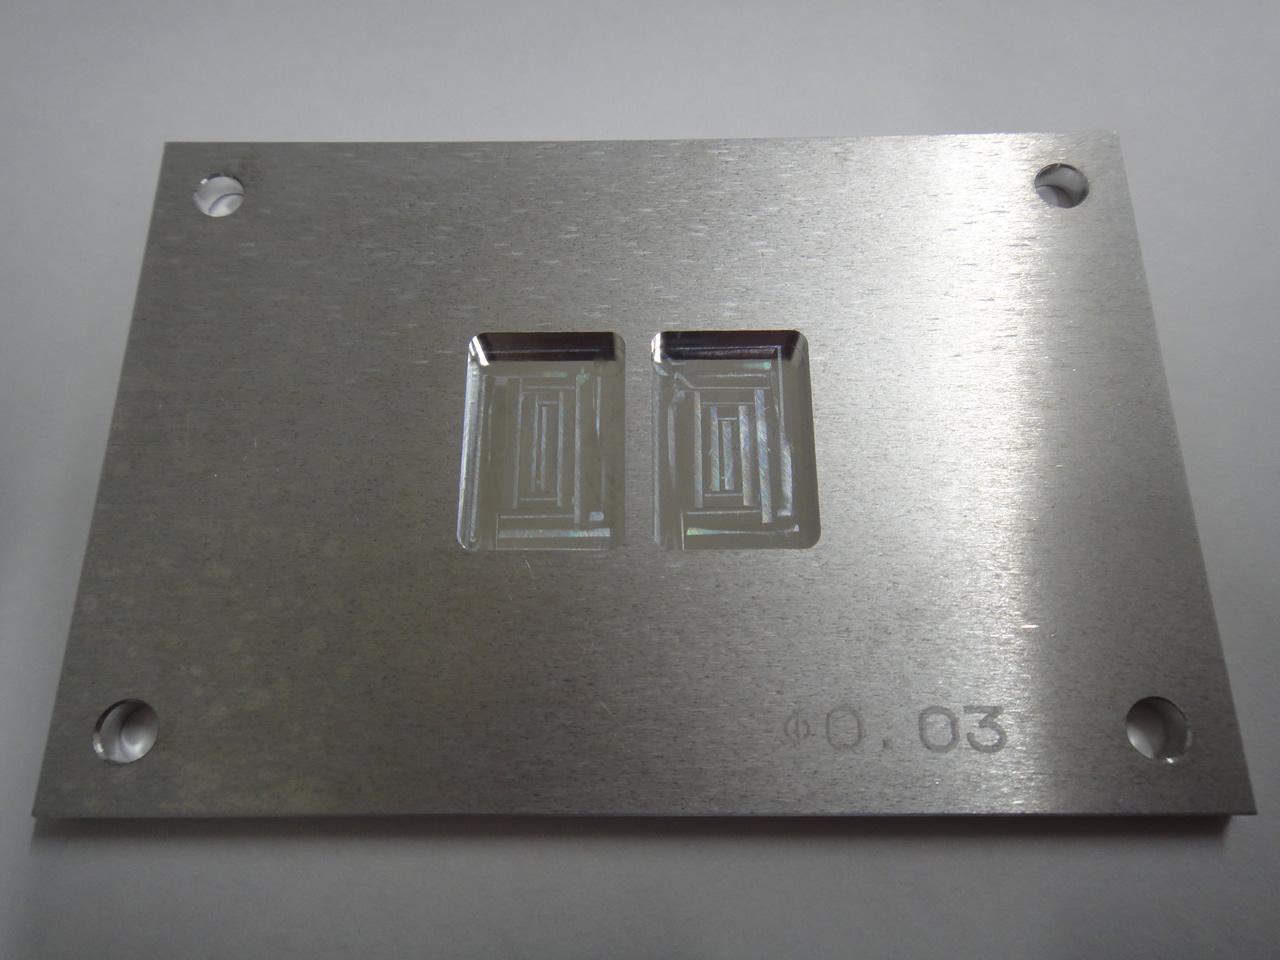 厚み0.2mmのアルミプレートへの微細孔加工